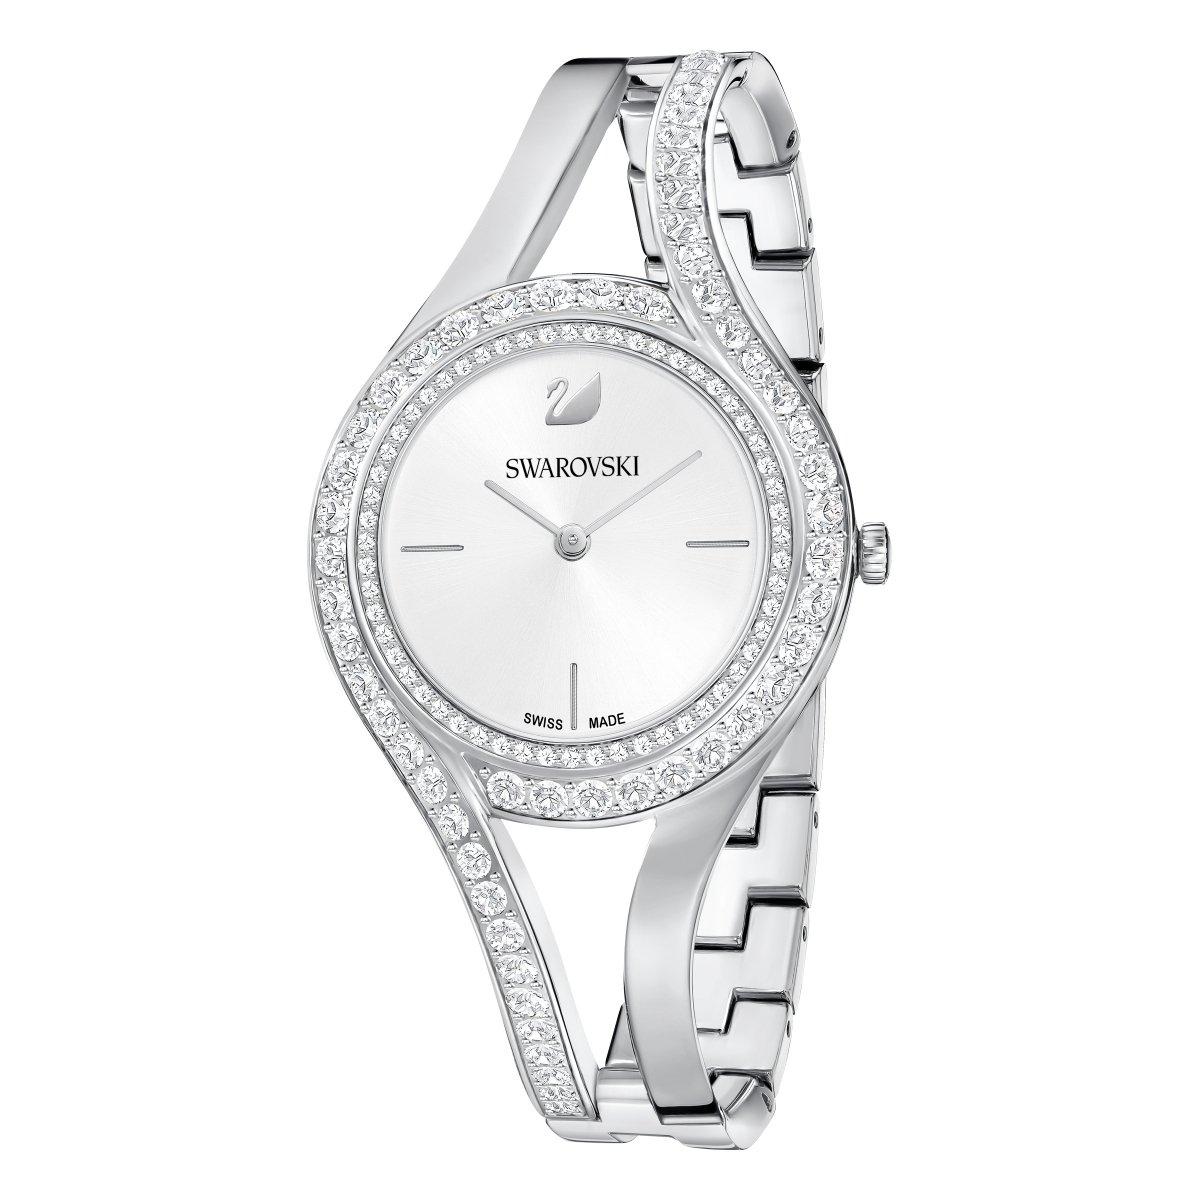 b65c2924 zegarek Swarovski 5377545 • ONE ZERO • Modne zegarki i biżuteria •  Autoryzowany sklep